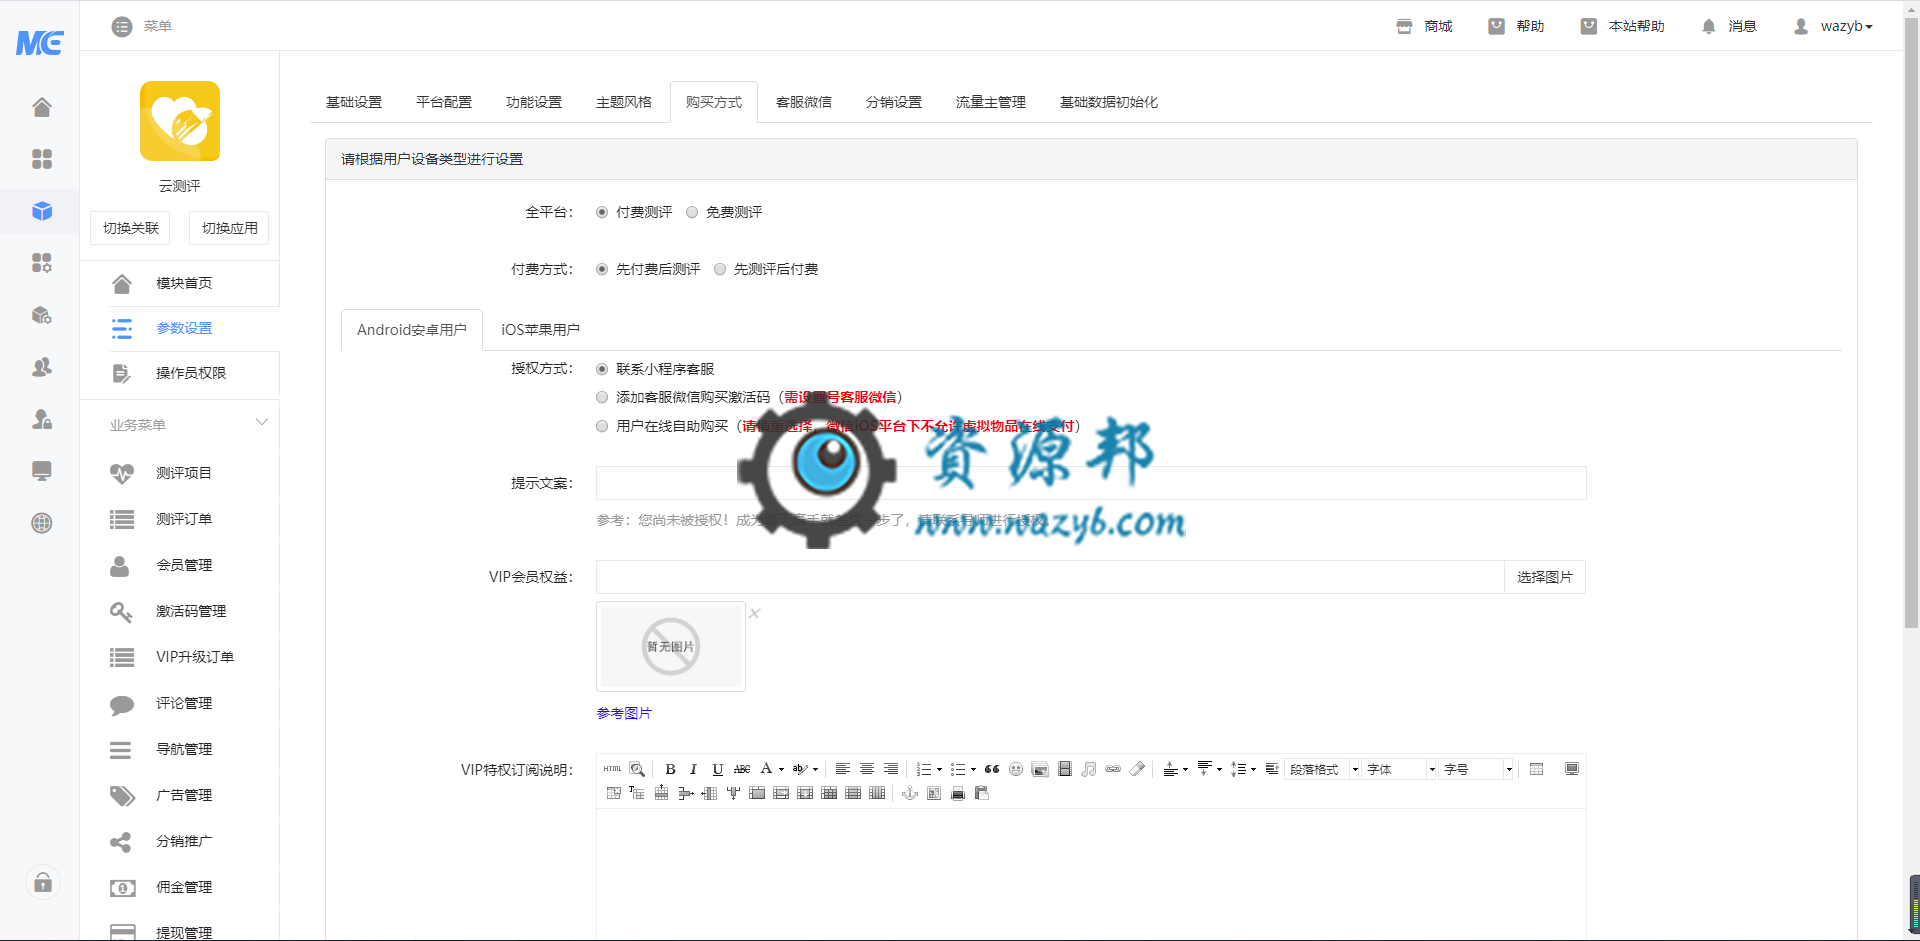 【永久会员专享】桔子云测评小程序源码包更新【更新至V1.0.8】 第4张